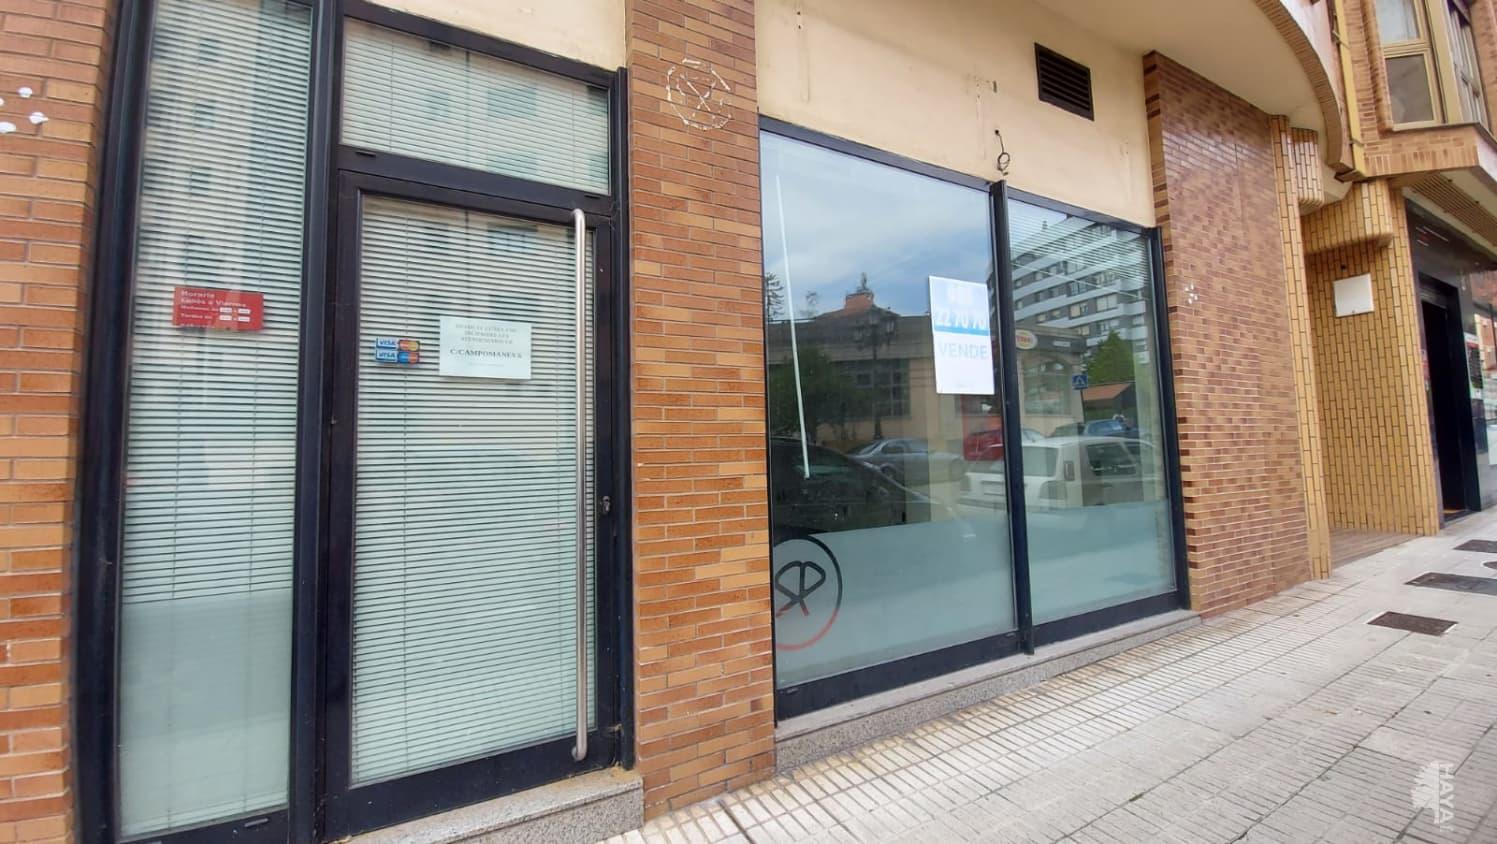 Local en venta en Centro Y Casco Histórico, Oviedo, Asturias, Calle Aurelio del Llano, 89.260 €